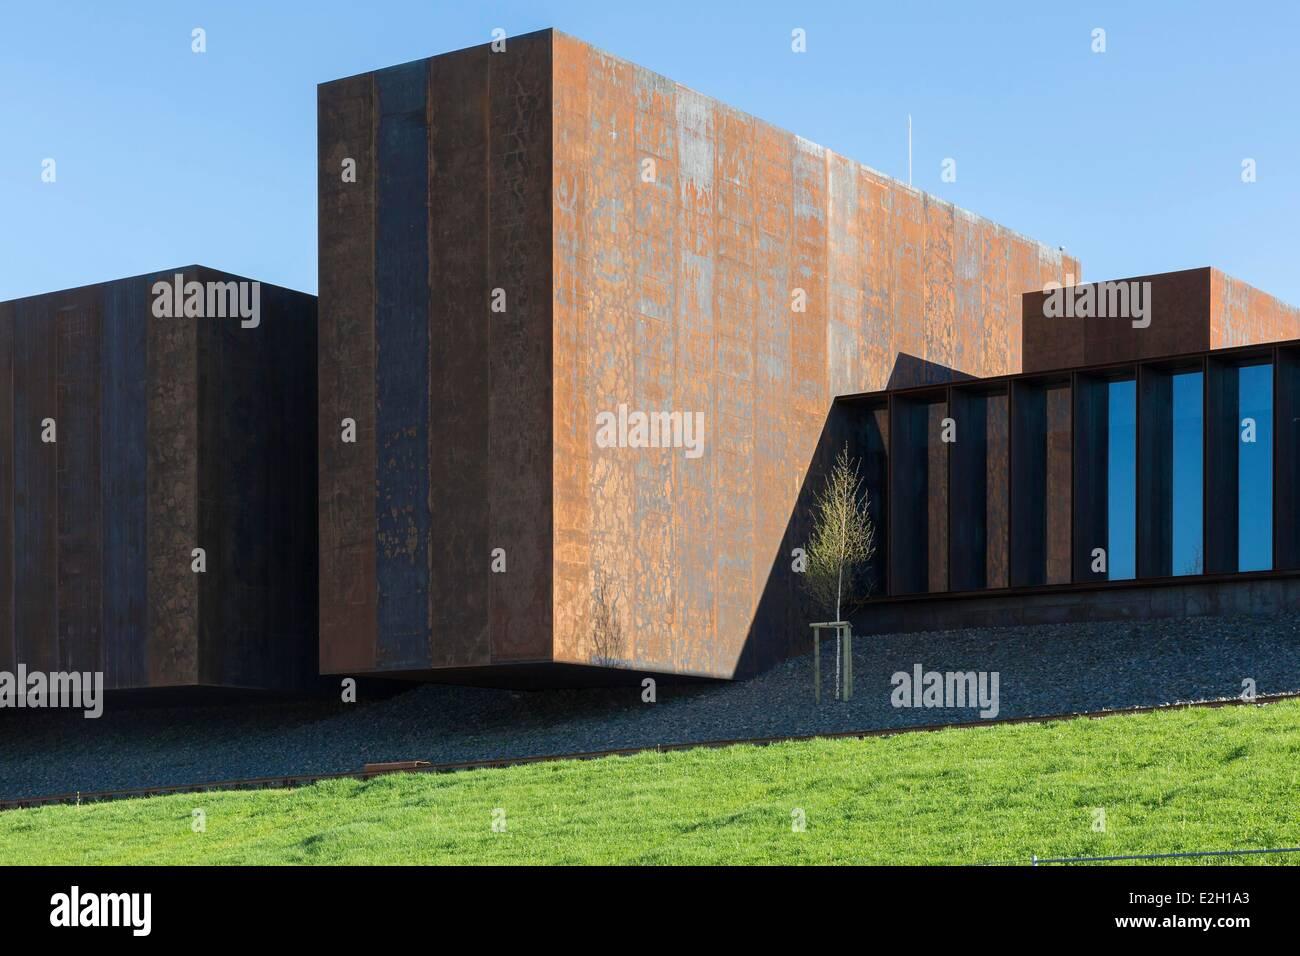 Frankreich Aveyron Rodez Soulages Museum katalanischen Architekten Passelac & Roques RCR zugeordnet. Stockfoto